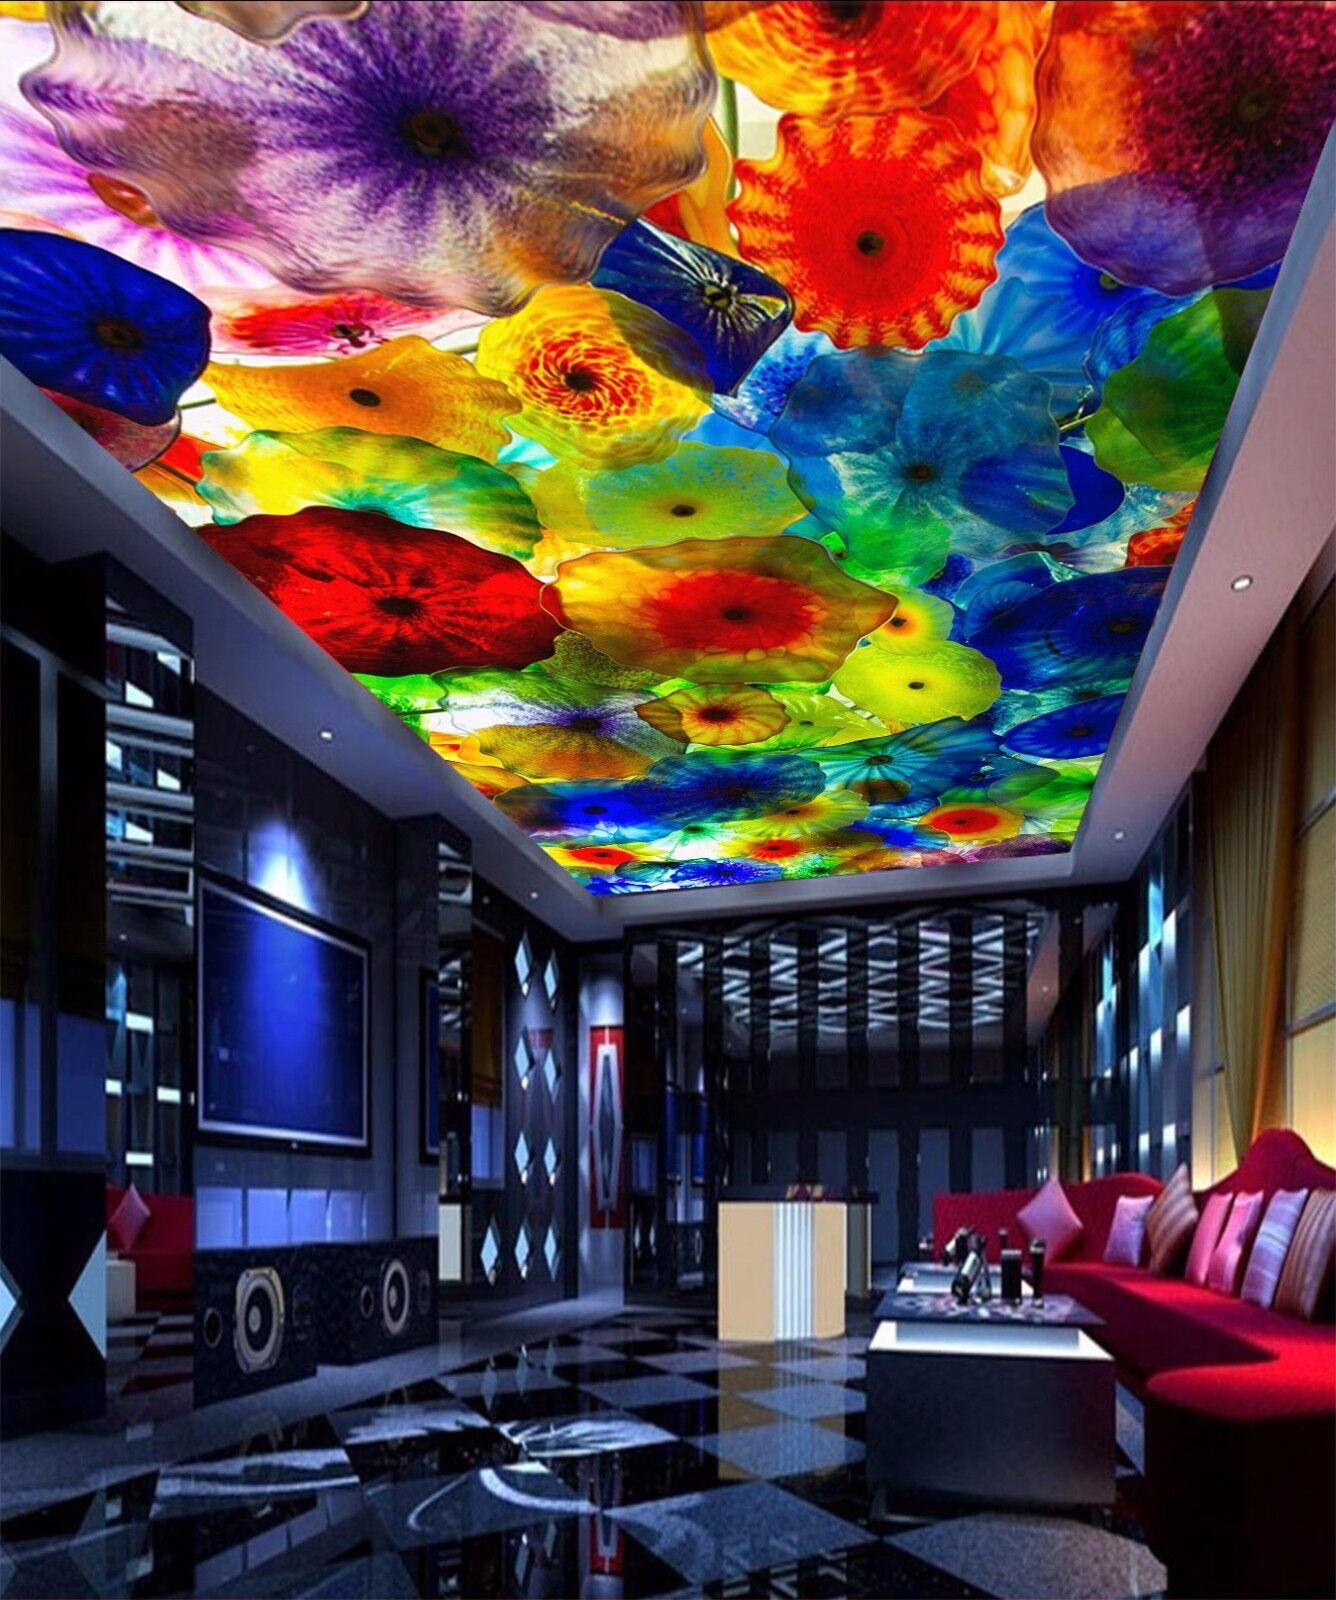 3D Lotus Leaf 402 Ceiling WallPaper Murals Wall Print Decal Deco AJ WALLPAPER UK